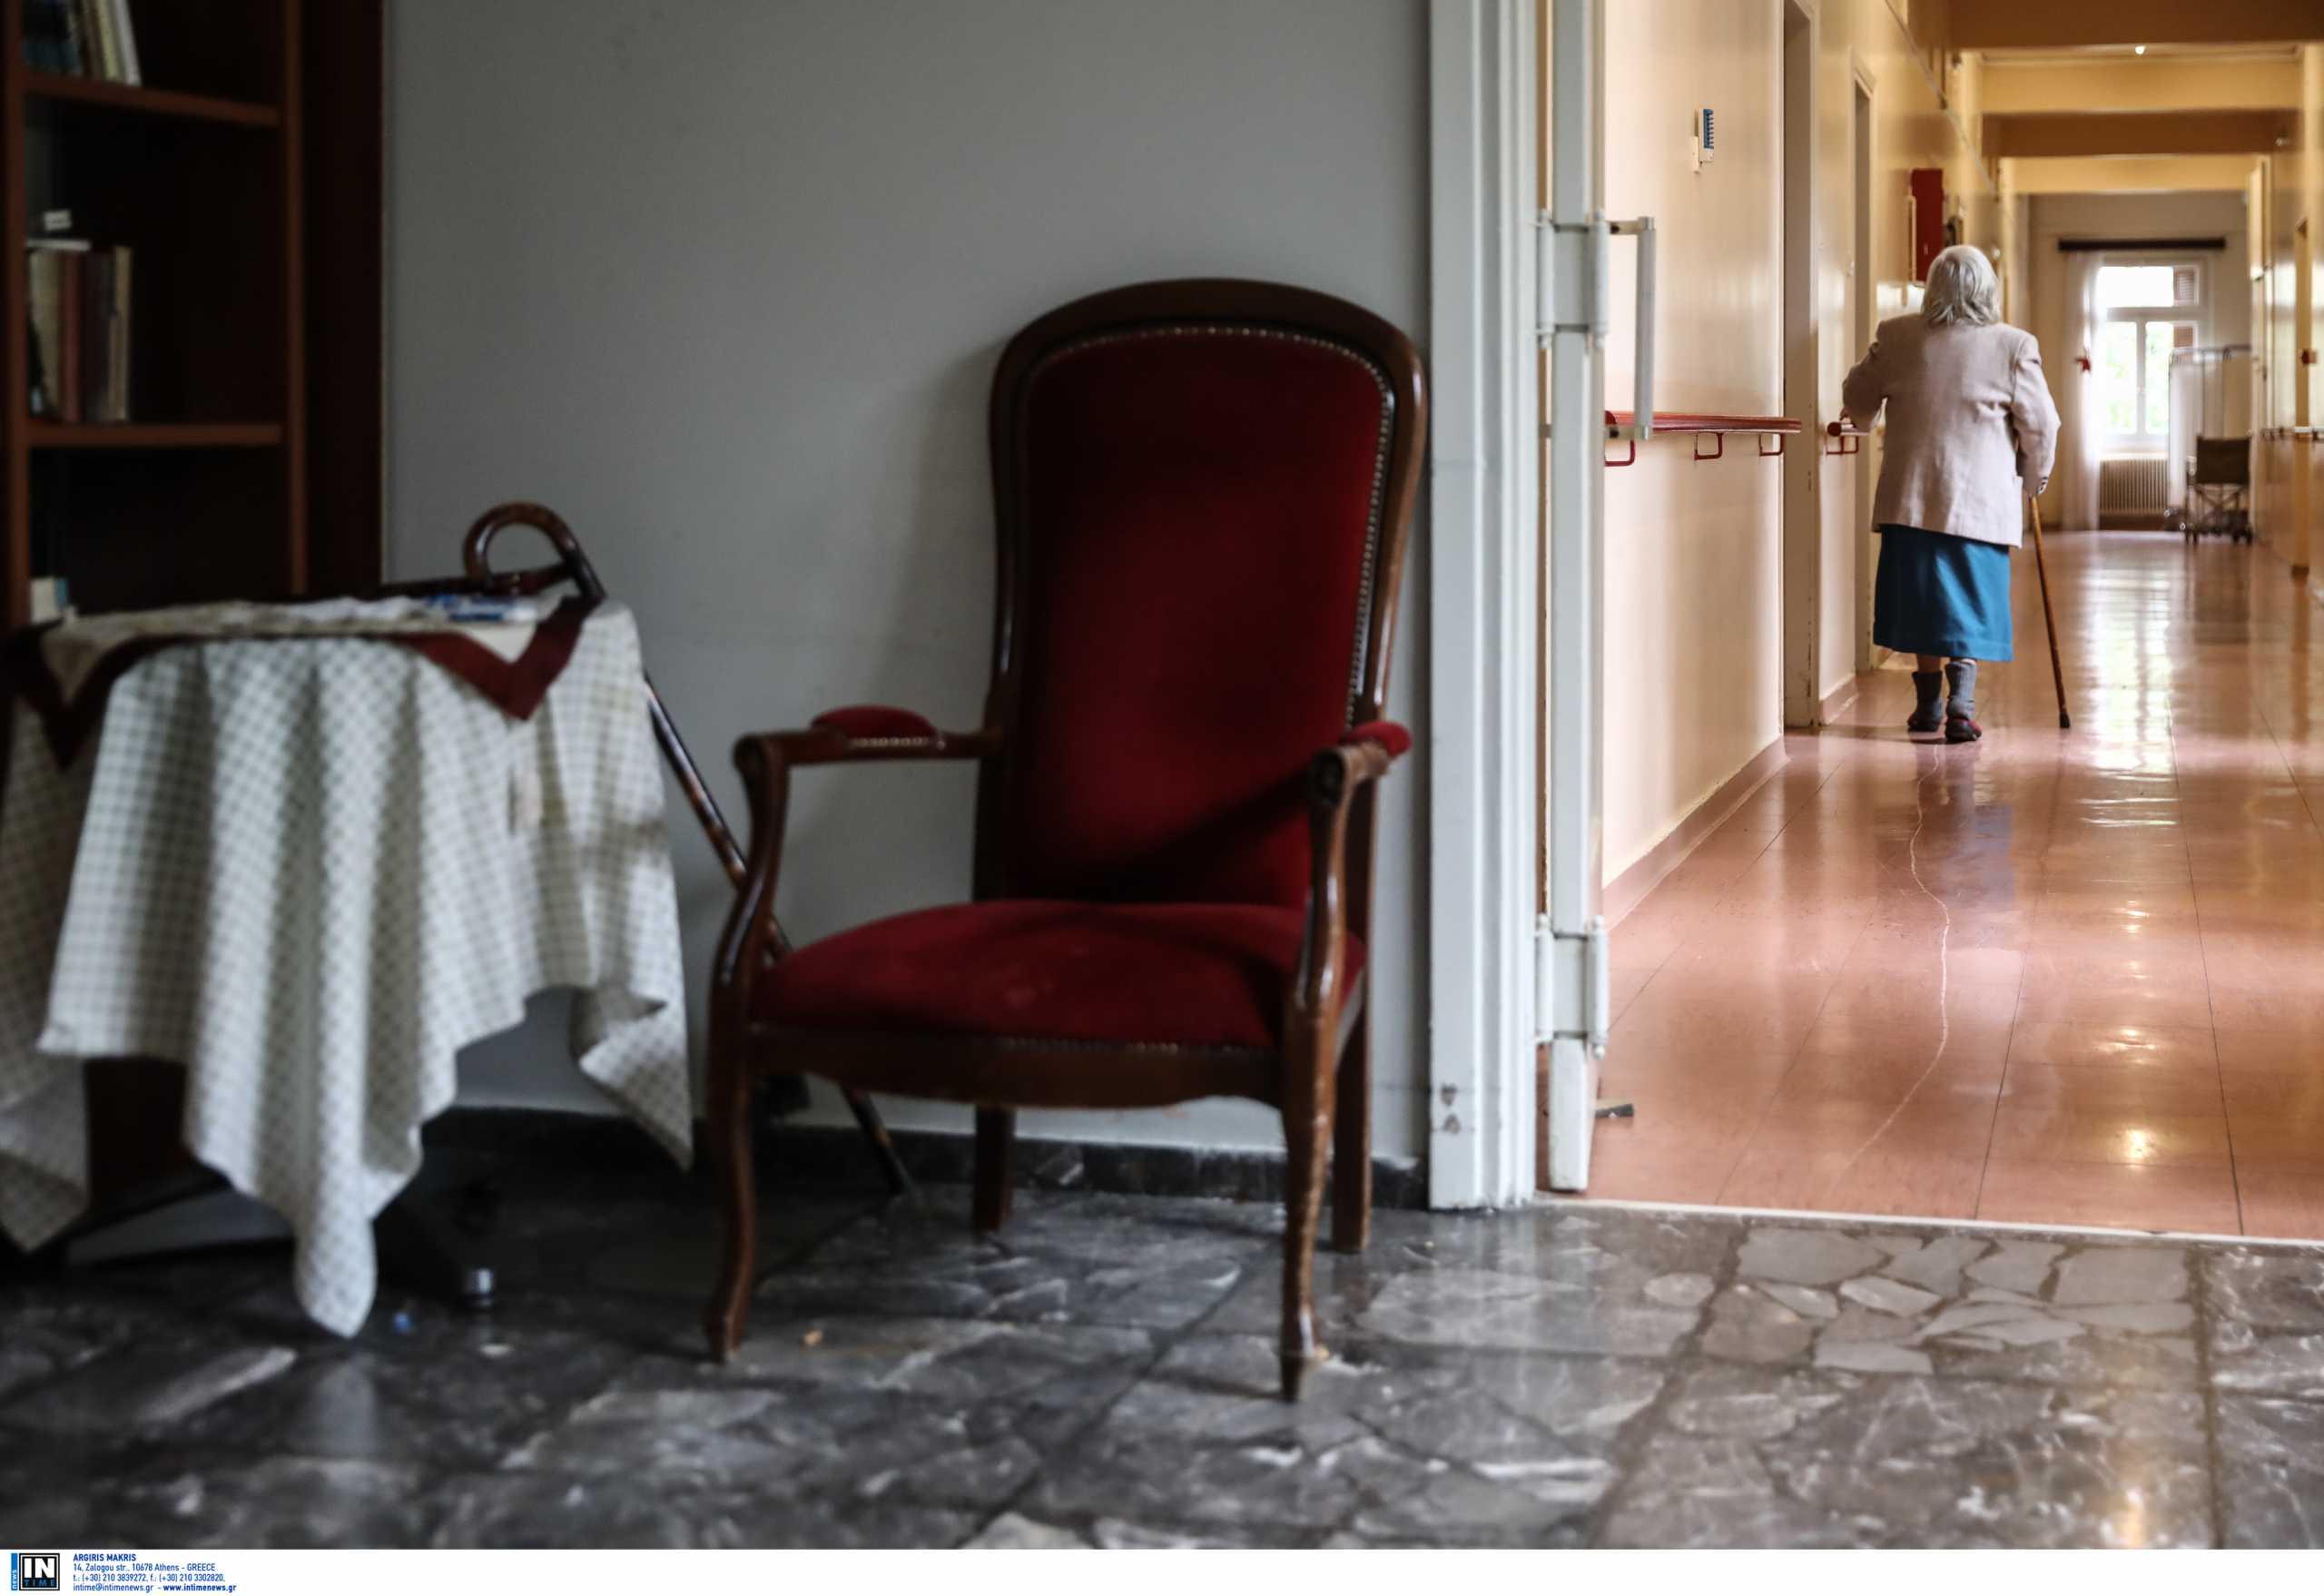 Κορονοϊός: Στο ΑΧΕΠΑ τρεις ηλικιωμένοι από το γηροκομείο στη Θεσσαλονίκη όπου εντοπίστηκαν κρούσματα